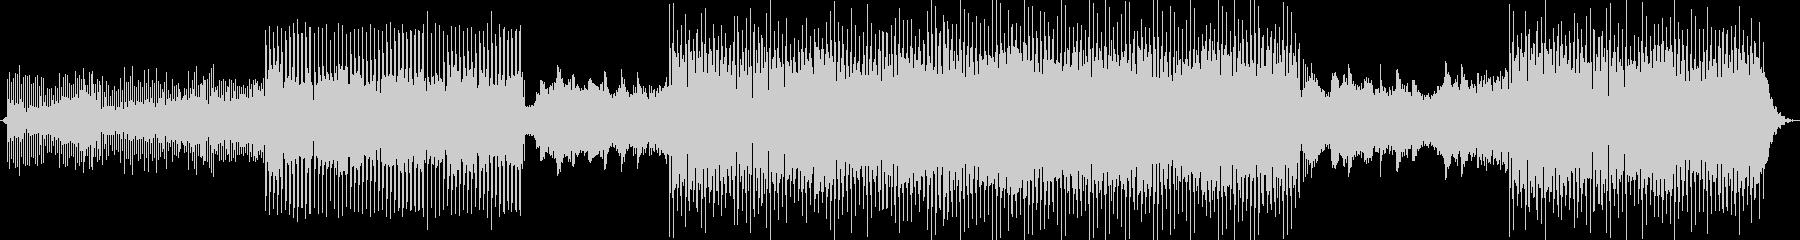 おしゃれでかわいいテクノポップBGMの未再生の波形